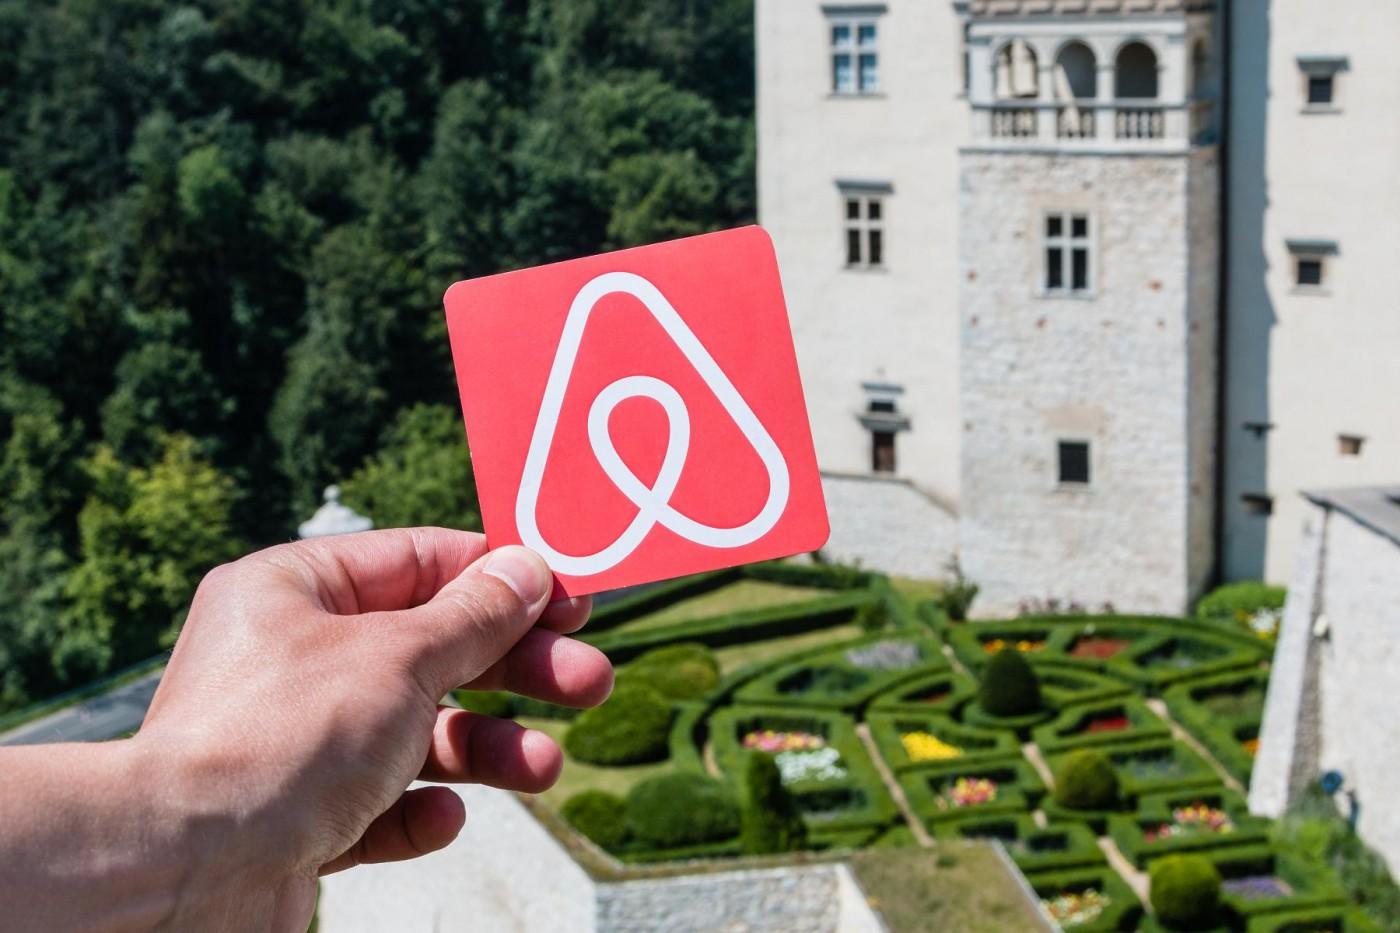 全球解封,旅遊業「重開機」!Airbnb看好3大國旅趨勢